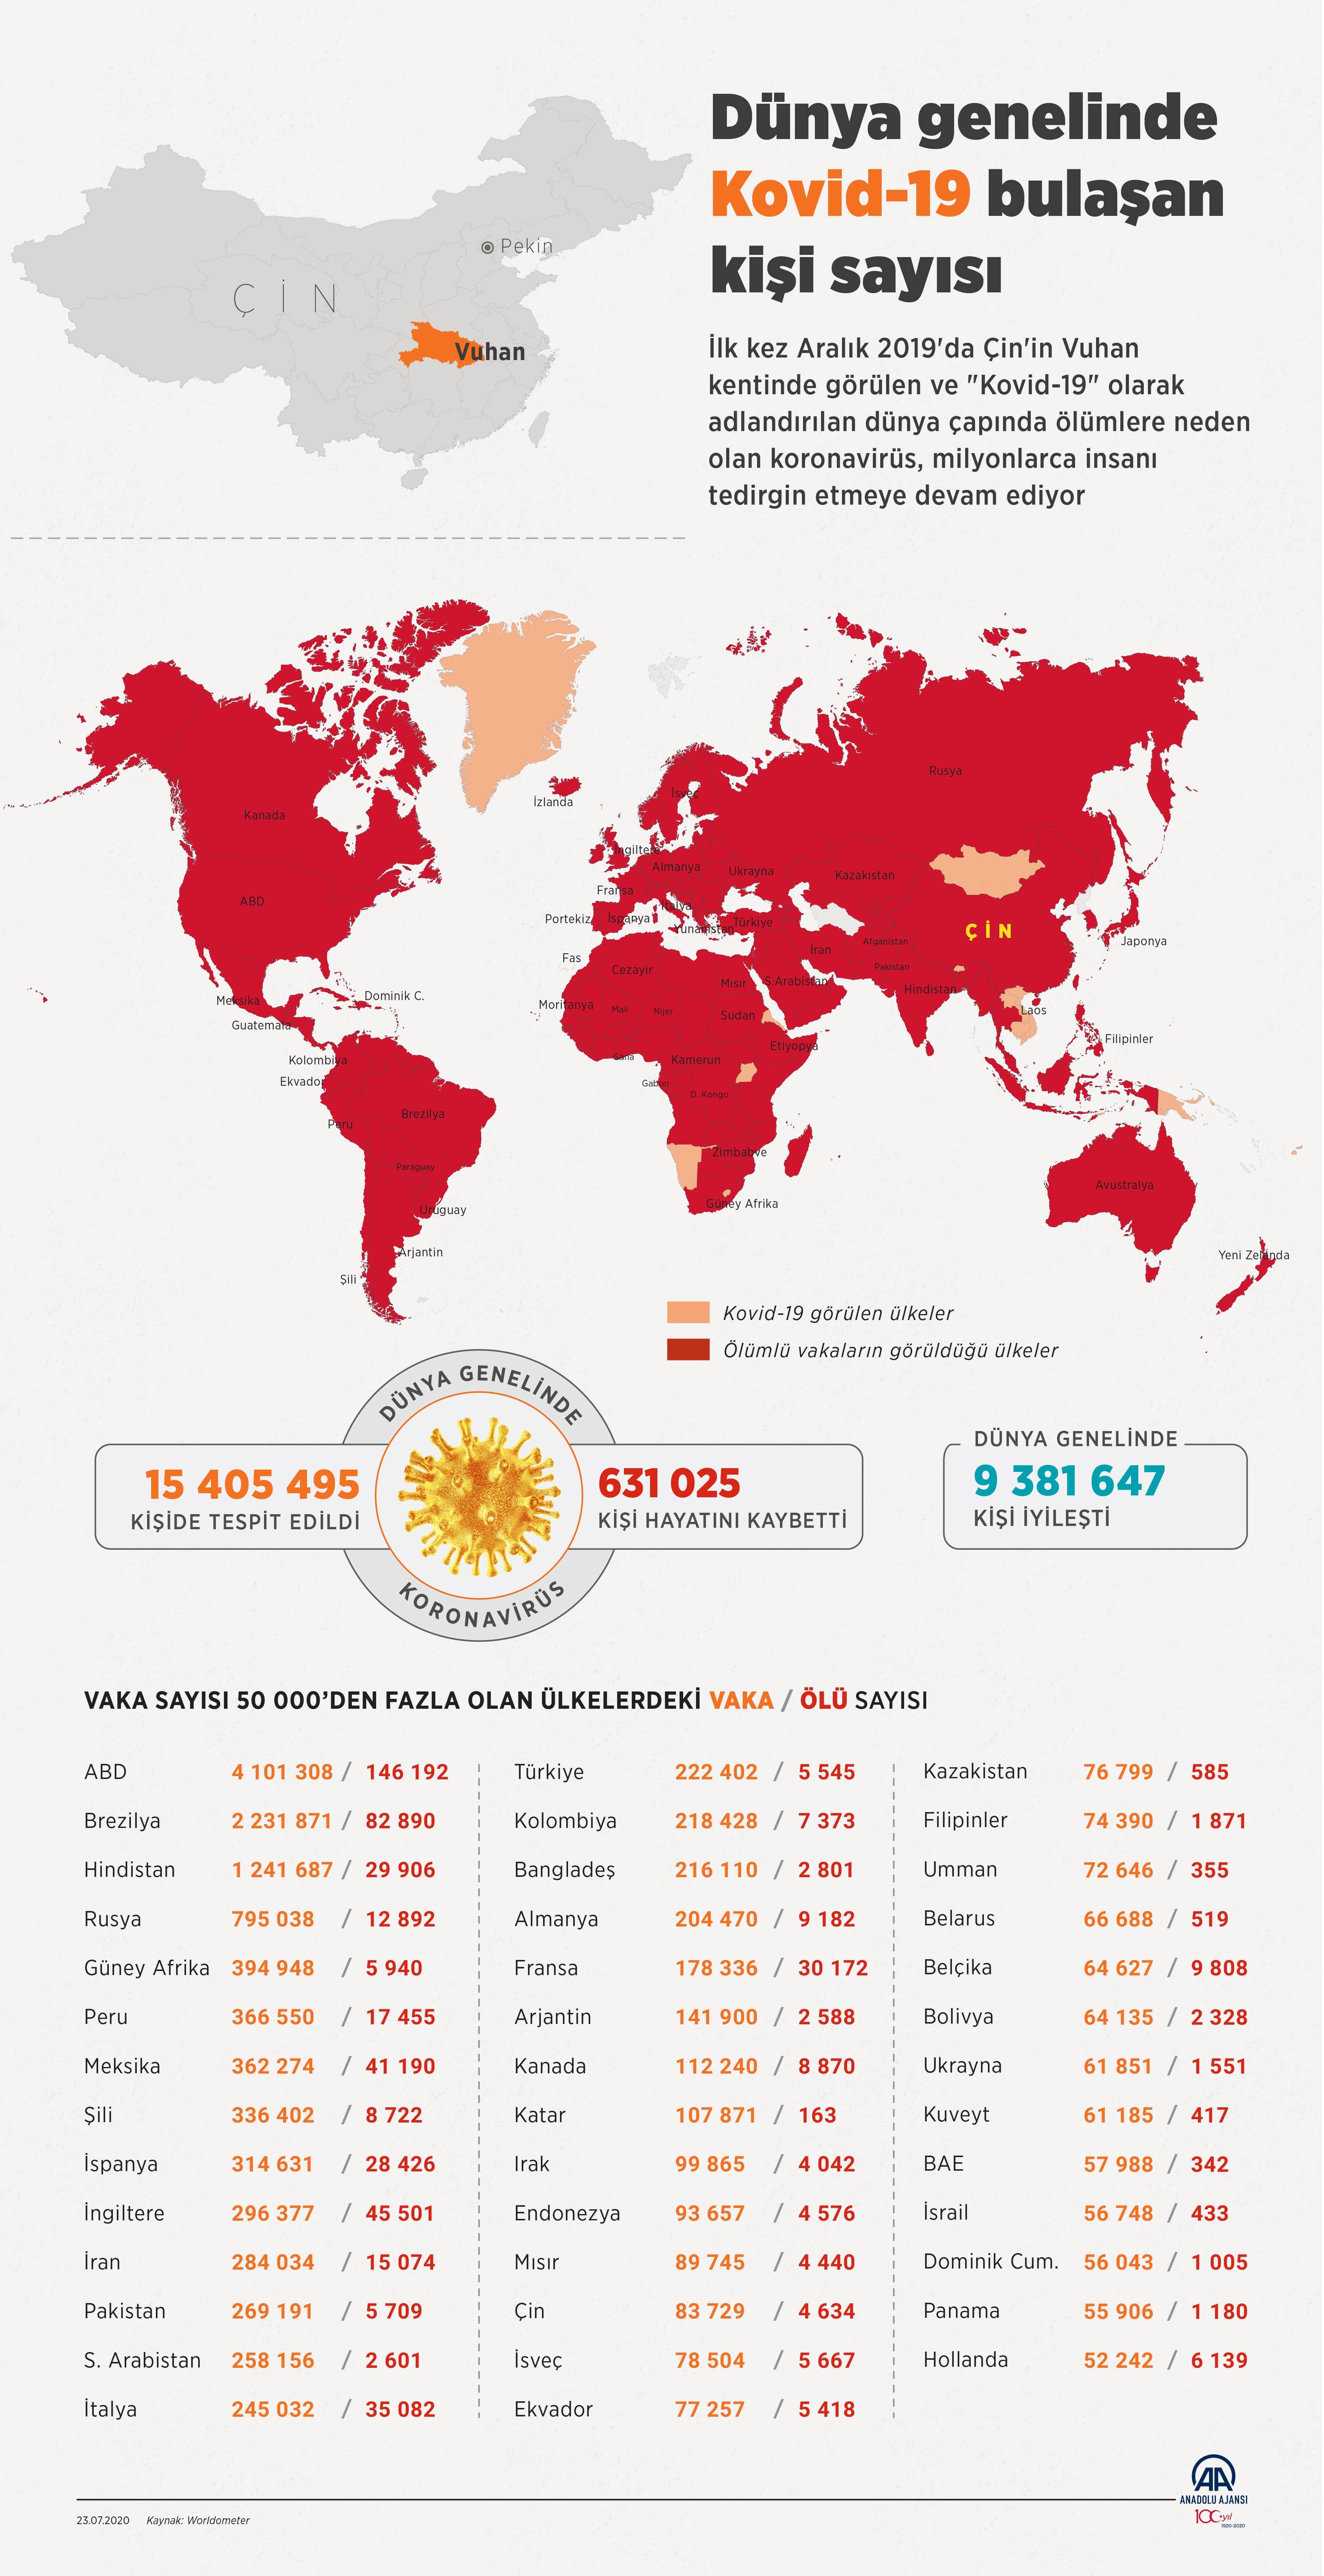 23 Temmuz corona virüs tablosu|Vaka sayısı kaç oldu bugün? Bakan Koca açıkladı